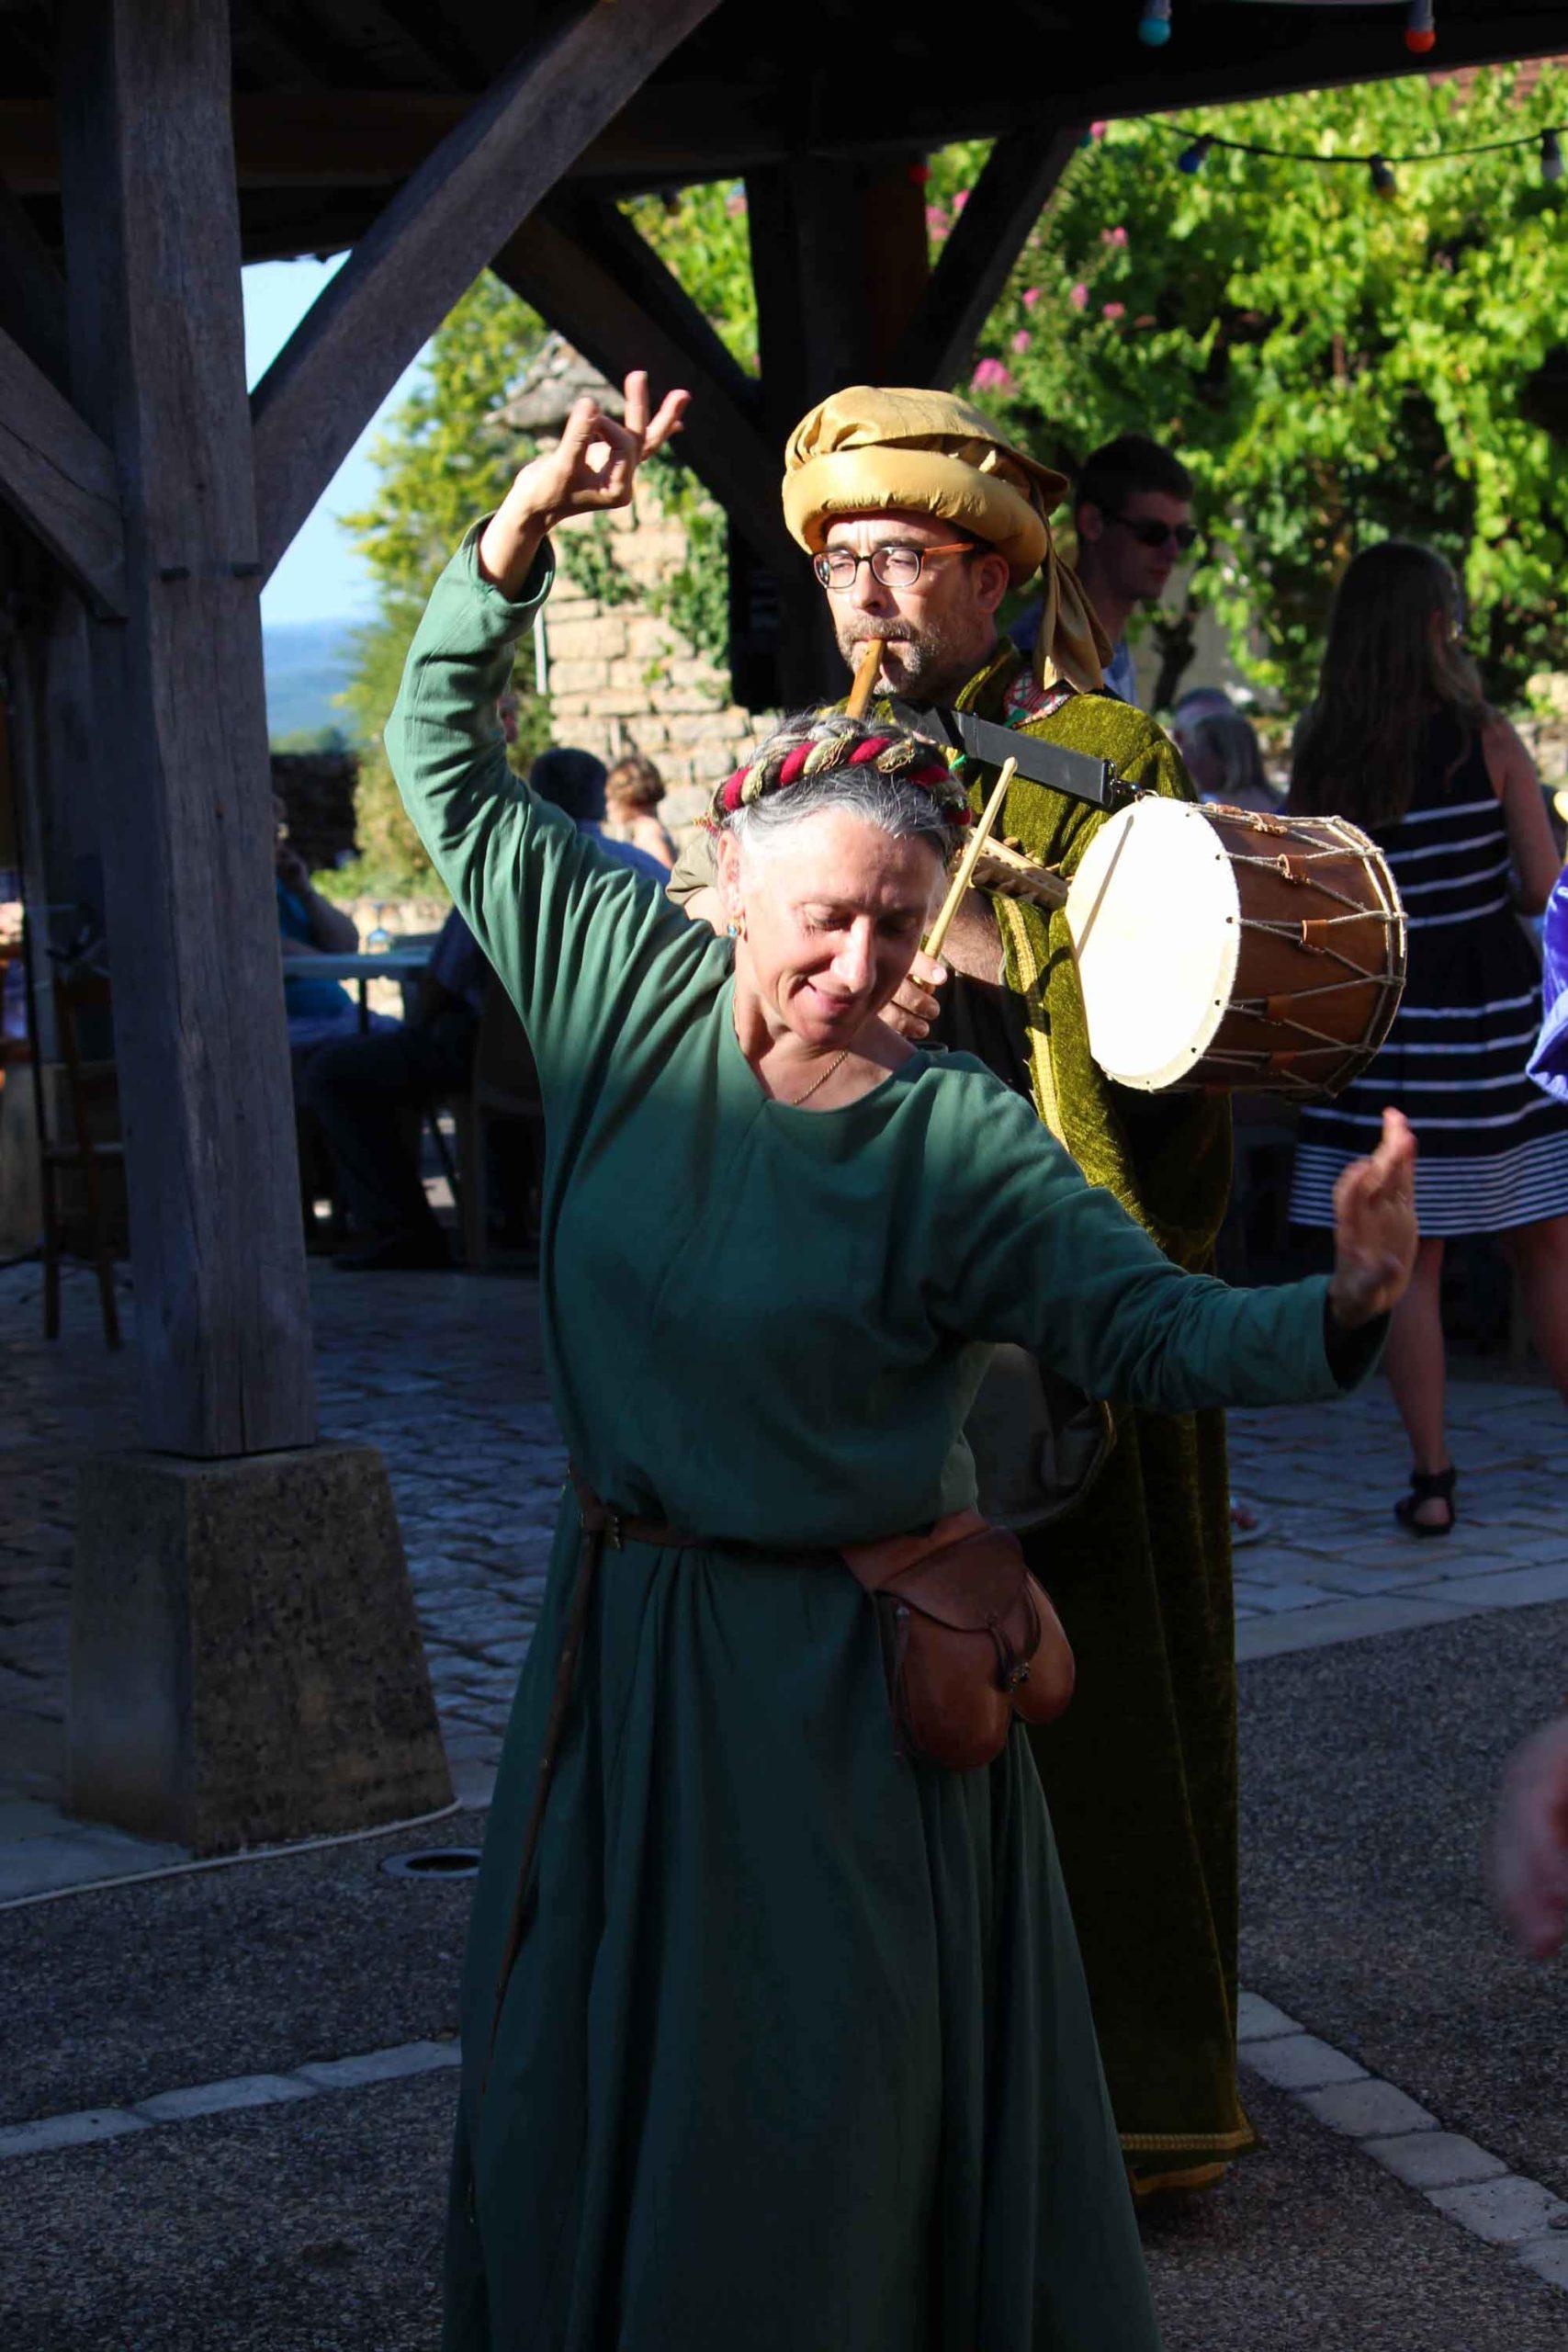 Animations et bals - Morescarole association danses médiévales Dordogne